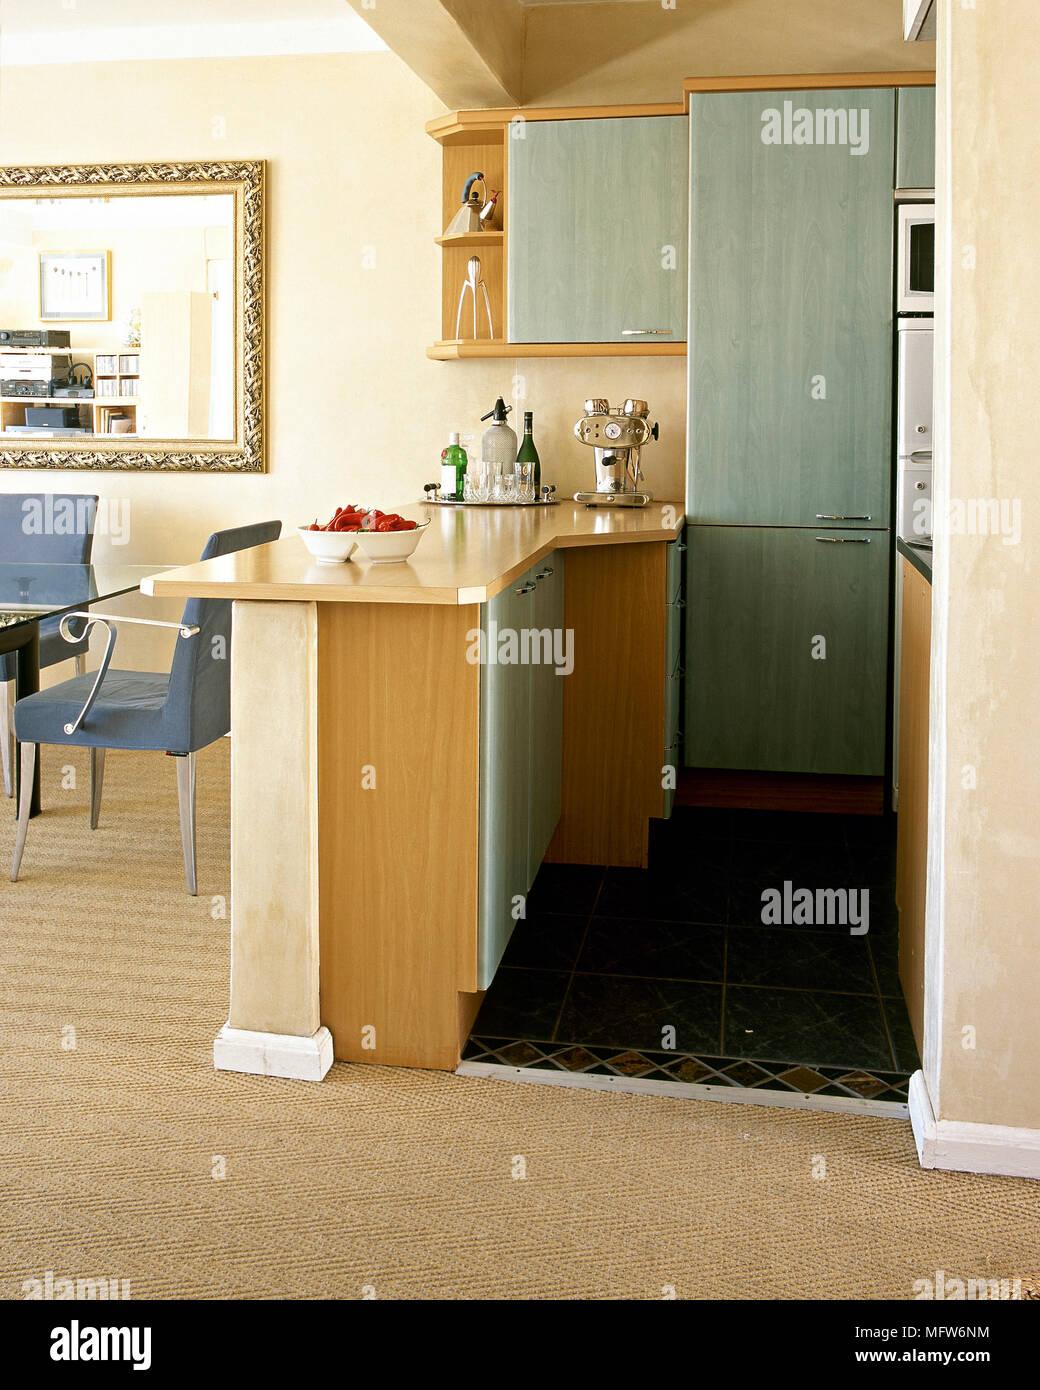 Dettaglio Della Cucina E Zona Pranzo Con Penisola Armadi A Muro E Un Tavolo Da Pranzo E Sedie Foto Stock Alamy